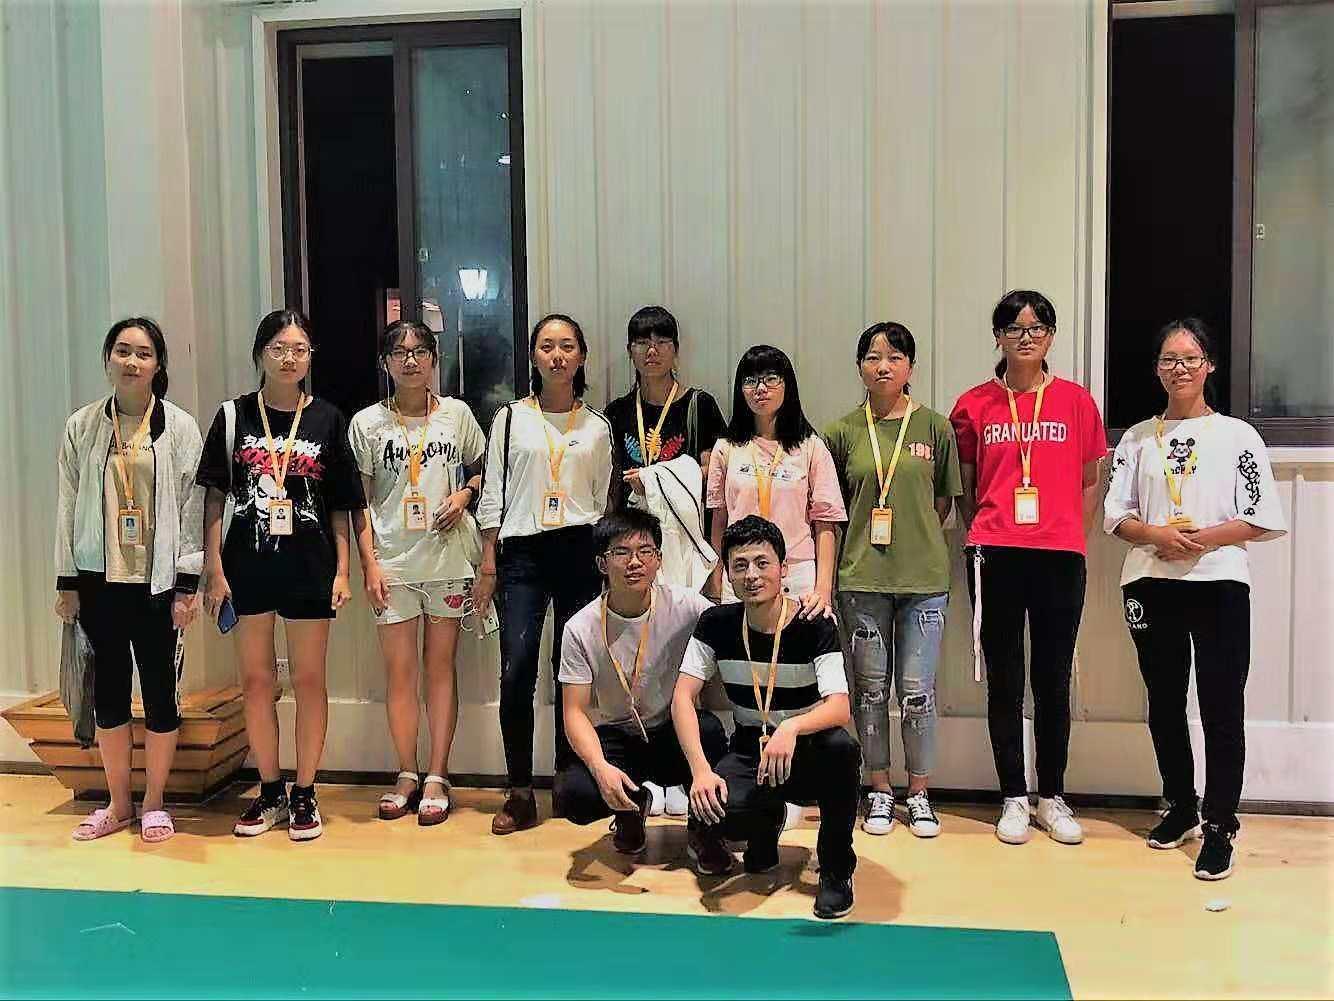 第一次集体团队照片